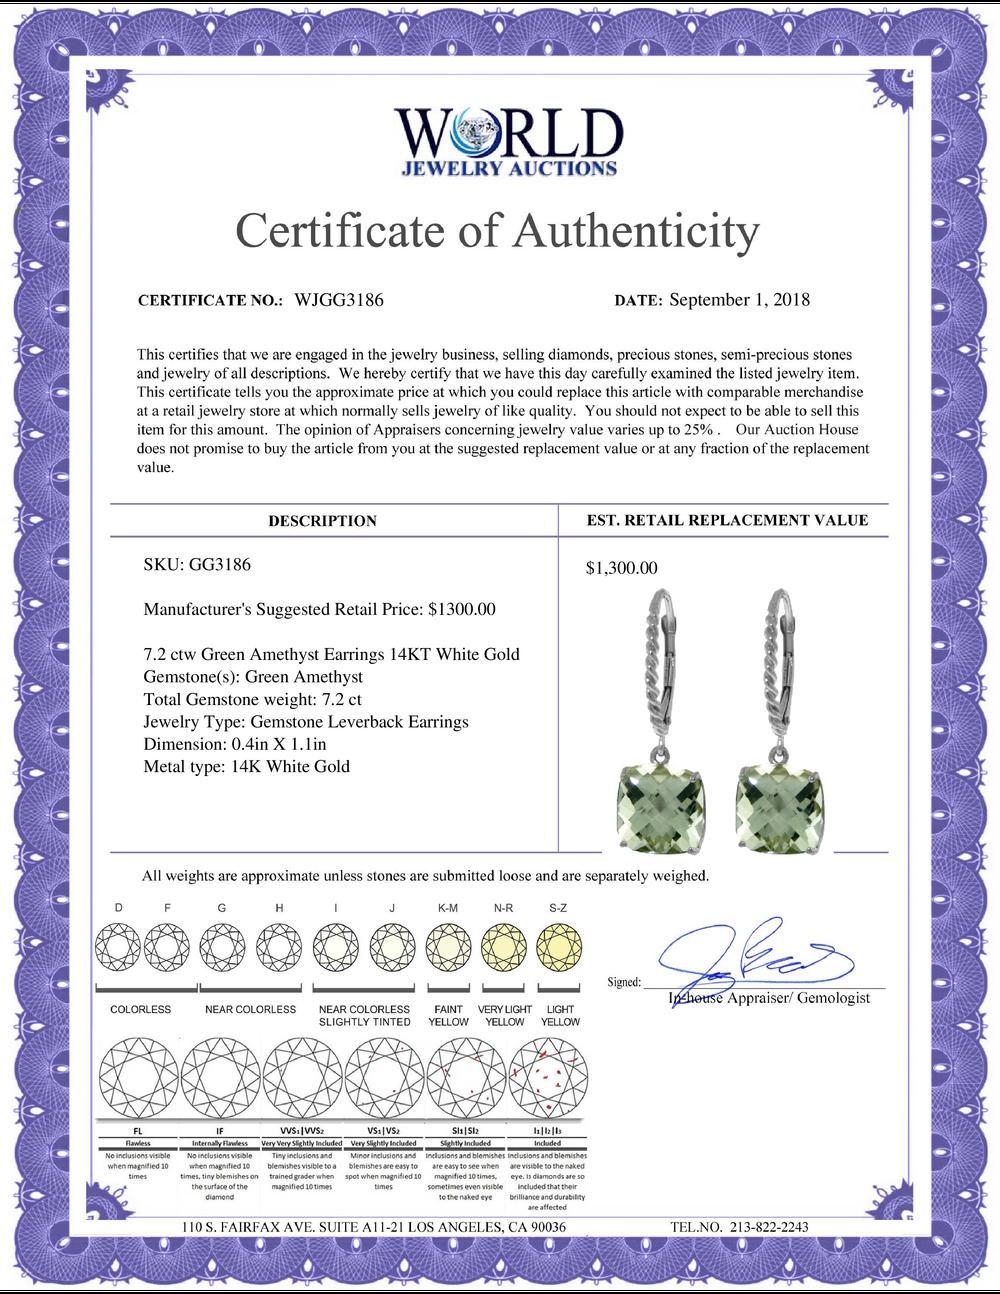 Lot 4076: Genuine 7.2 ctw Green Amethyst Earrings Jewelry 14KT Rose Gold - REF-42T7A